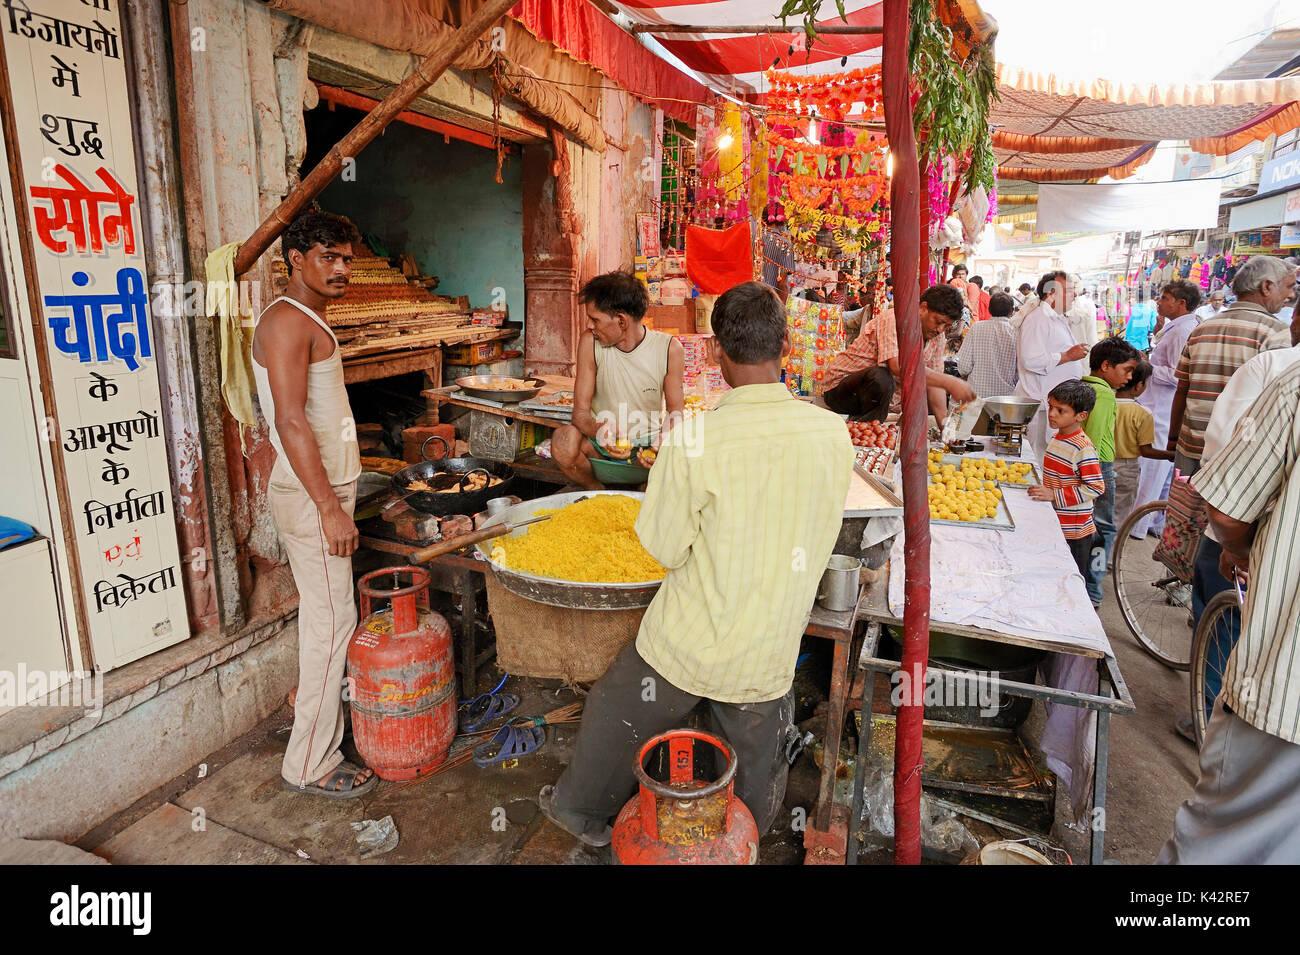 Men producing sweets during Diwali festival, Bharatpur, Rajasthan, India | Maenner bei der Herstellung von Suessigkeiten beim Lichterfest Diwali - Stock Image